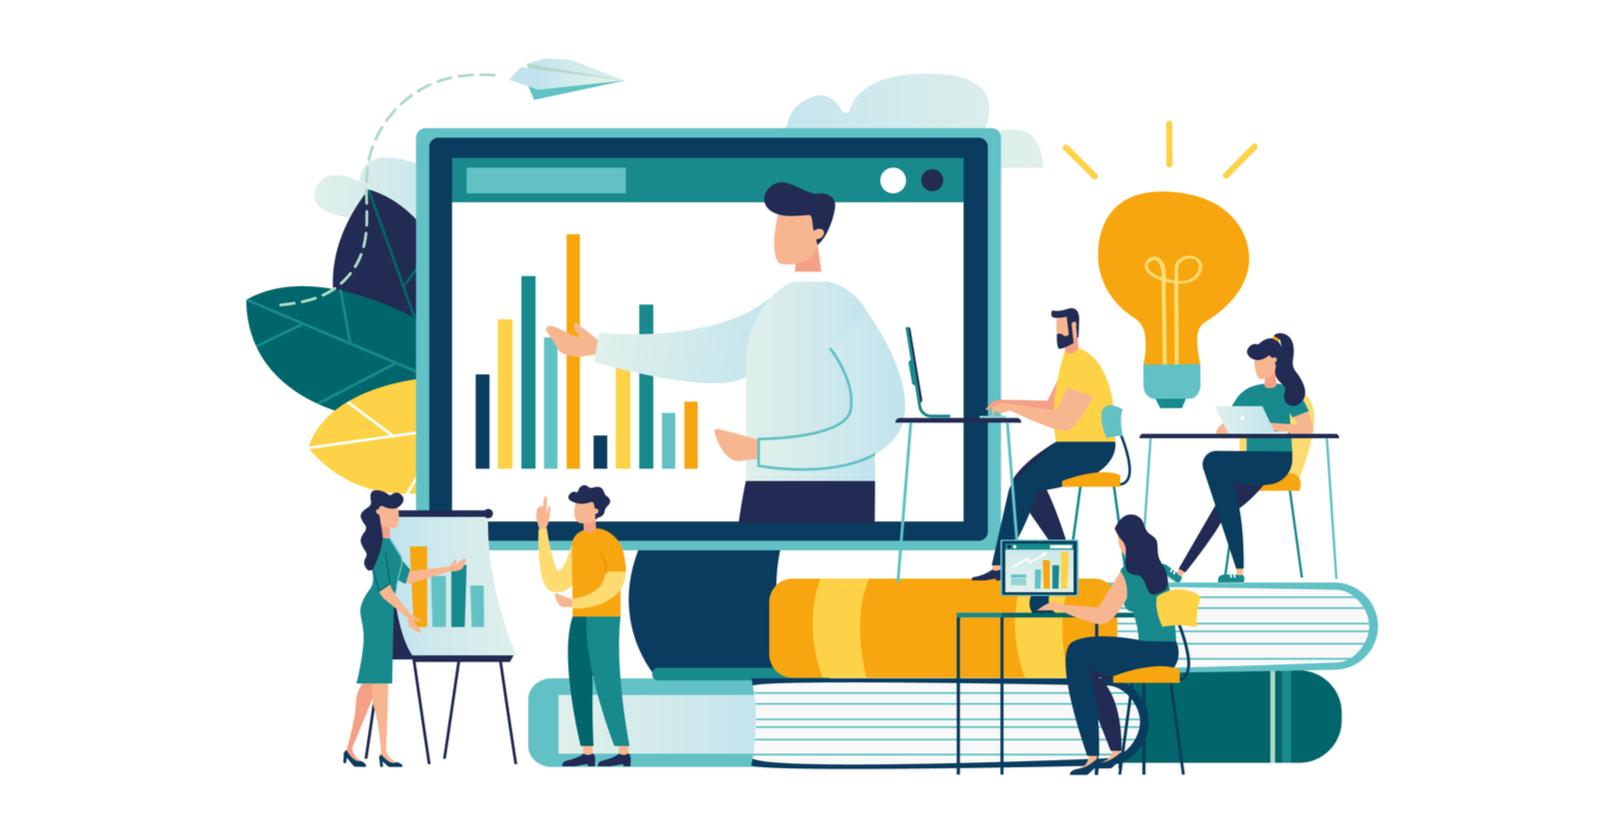 Phương án triển khai content marketing nên sử dụng để tiếp cận khách hàng